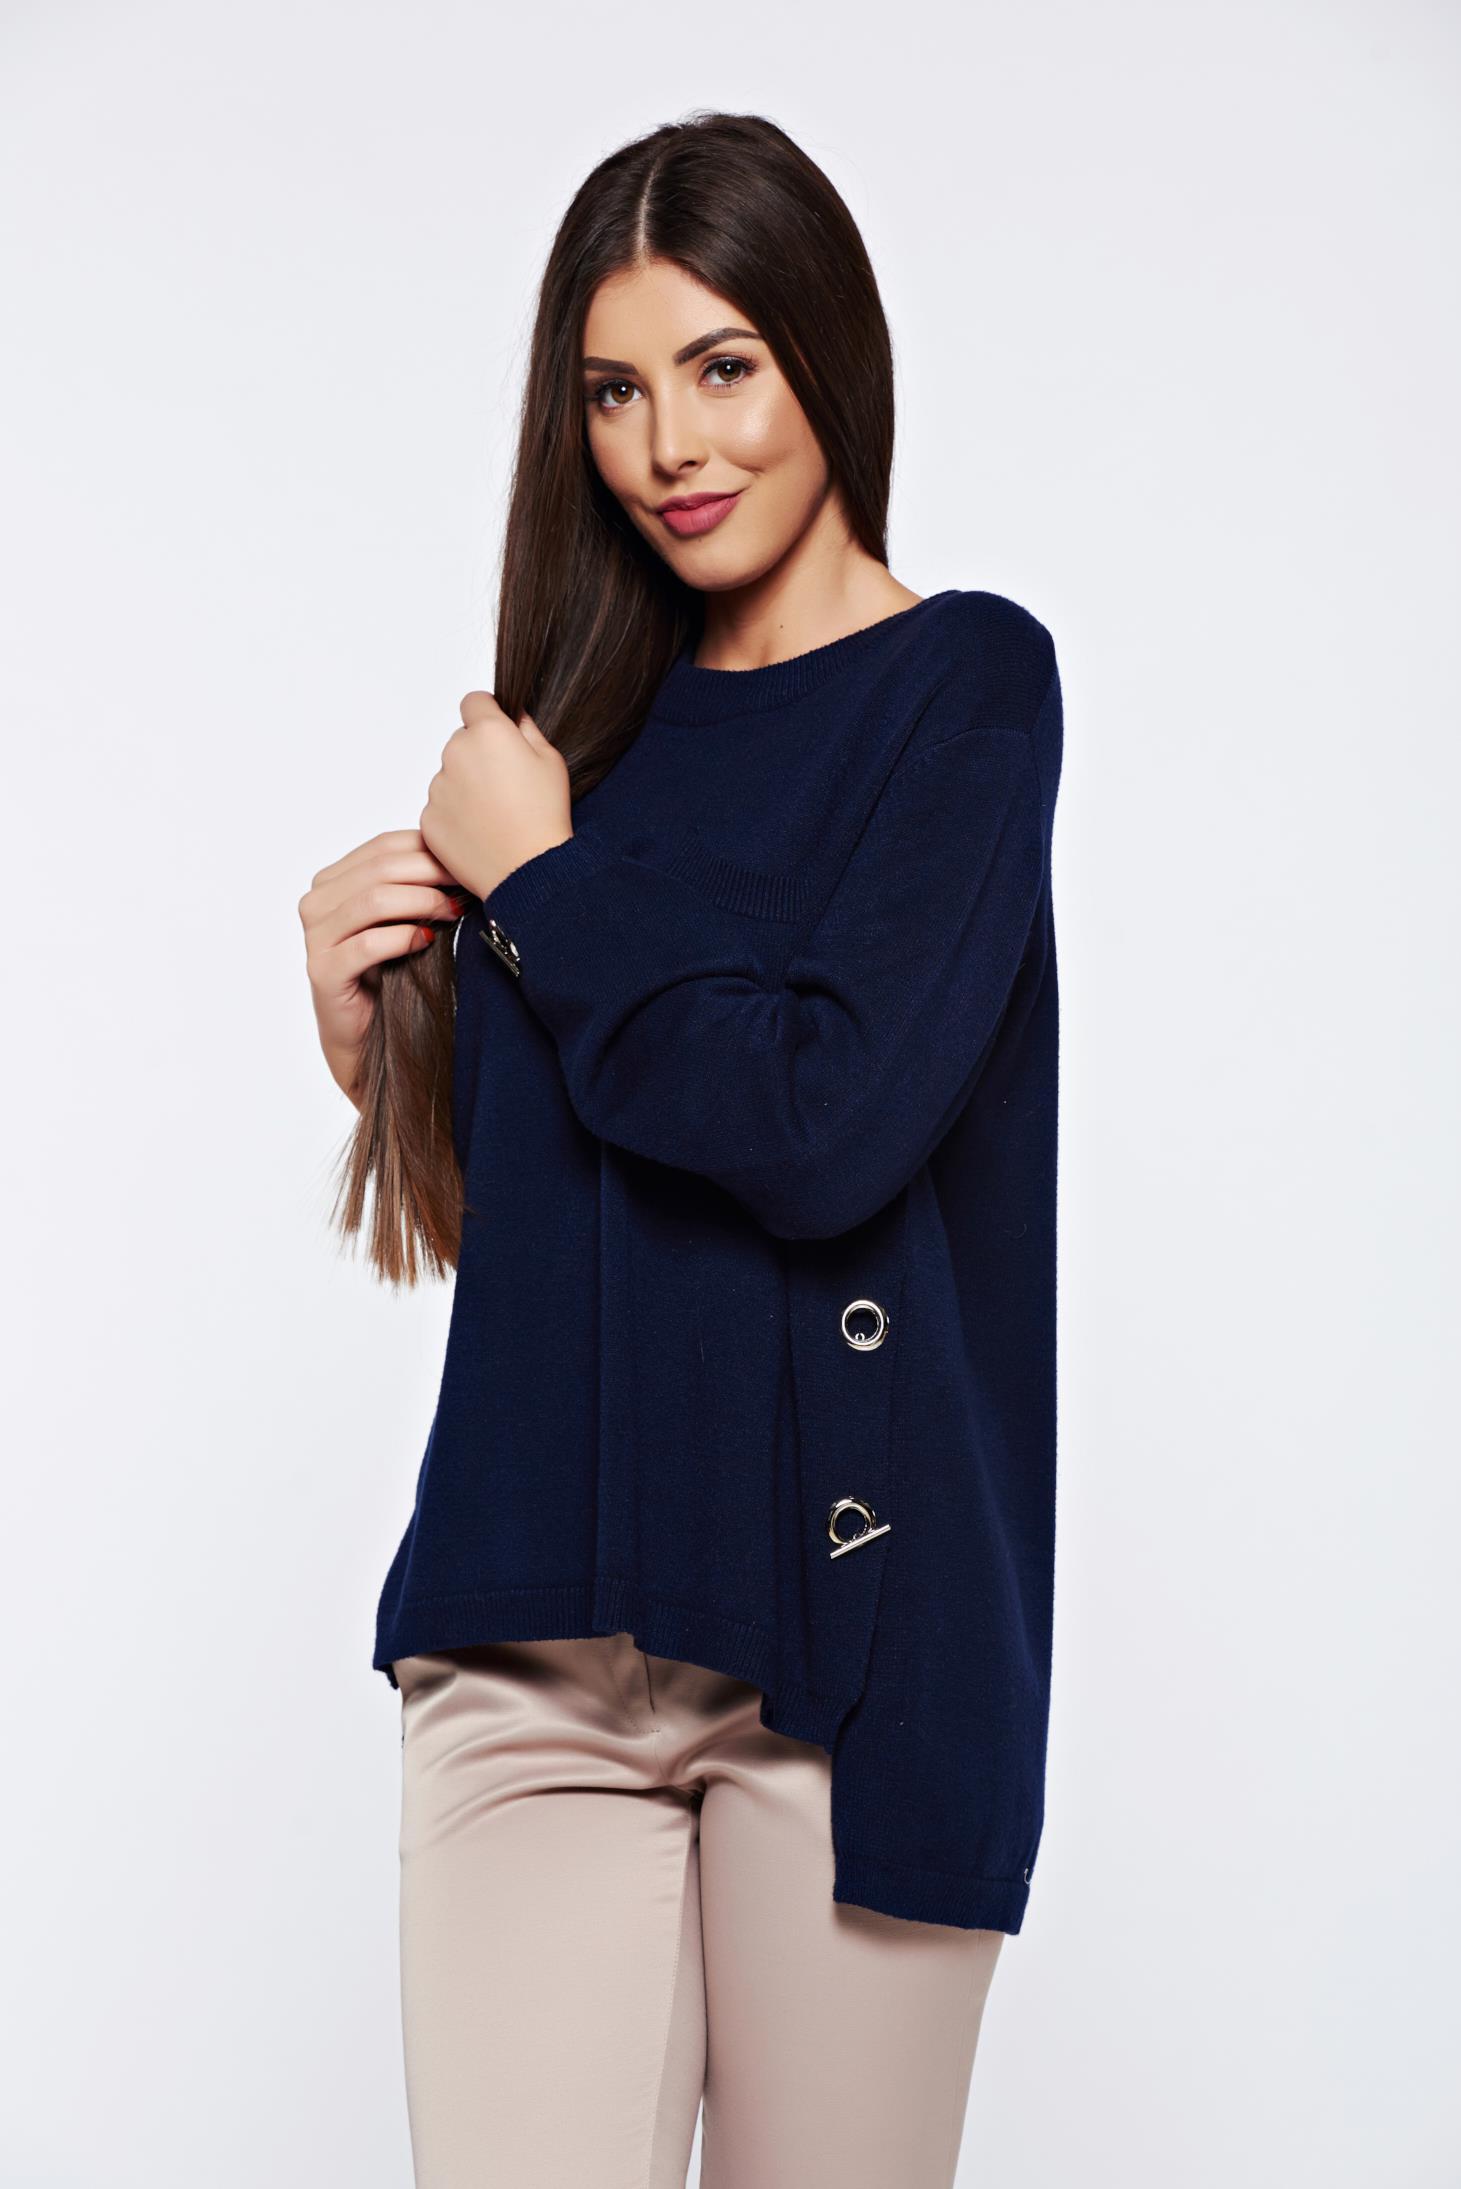 Pulover albastru-inchis casual tricotat cu croi larg